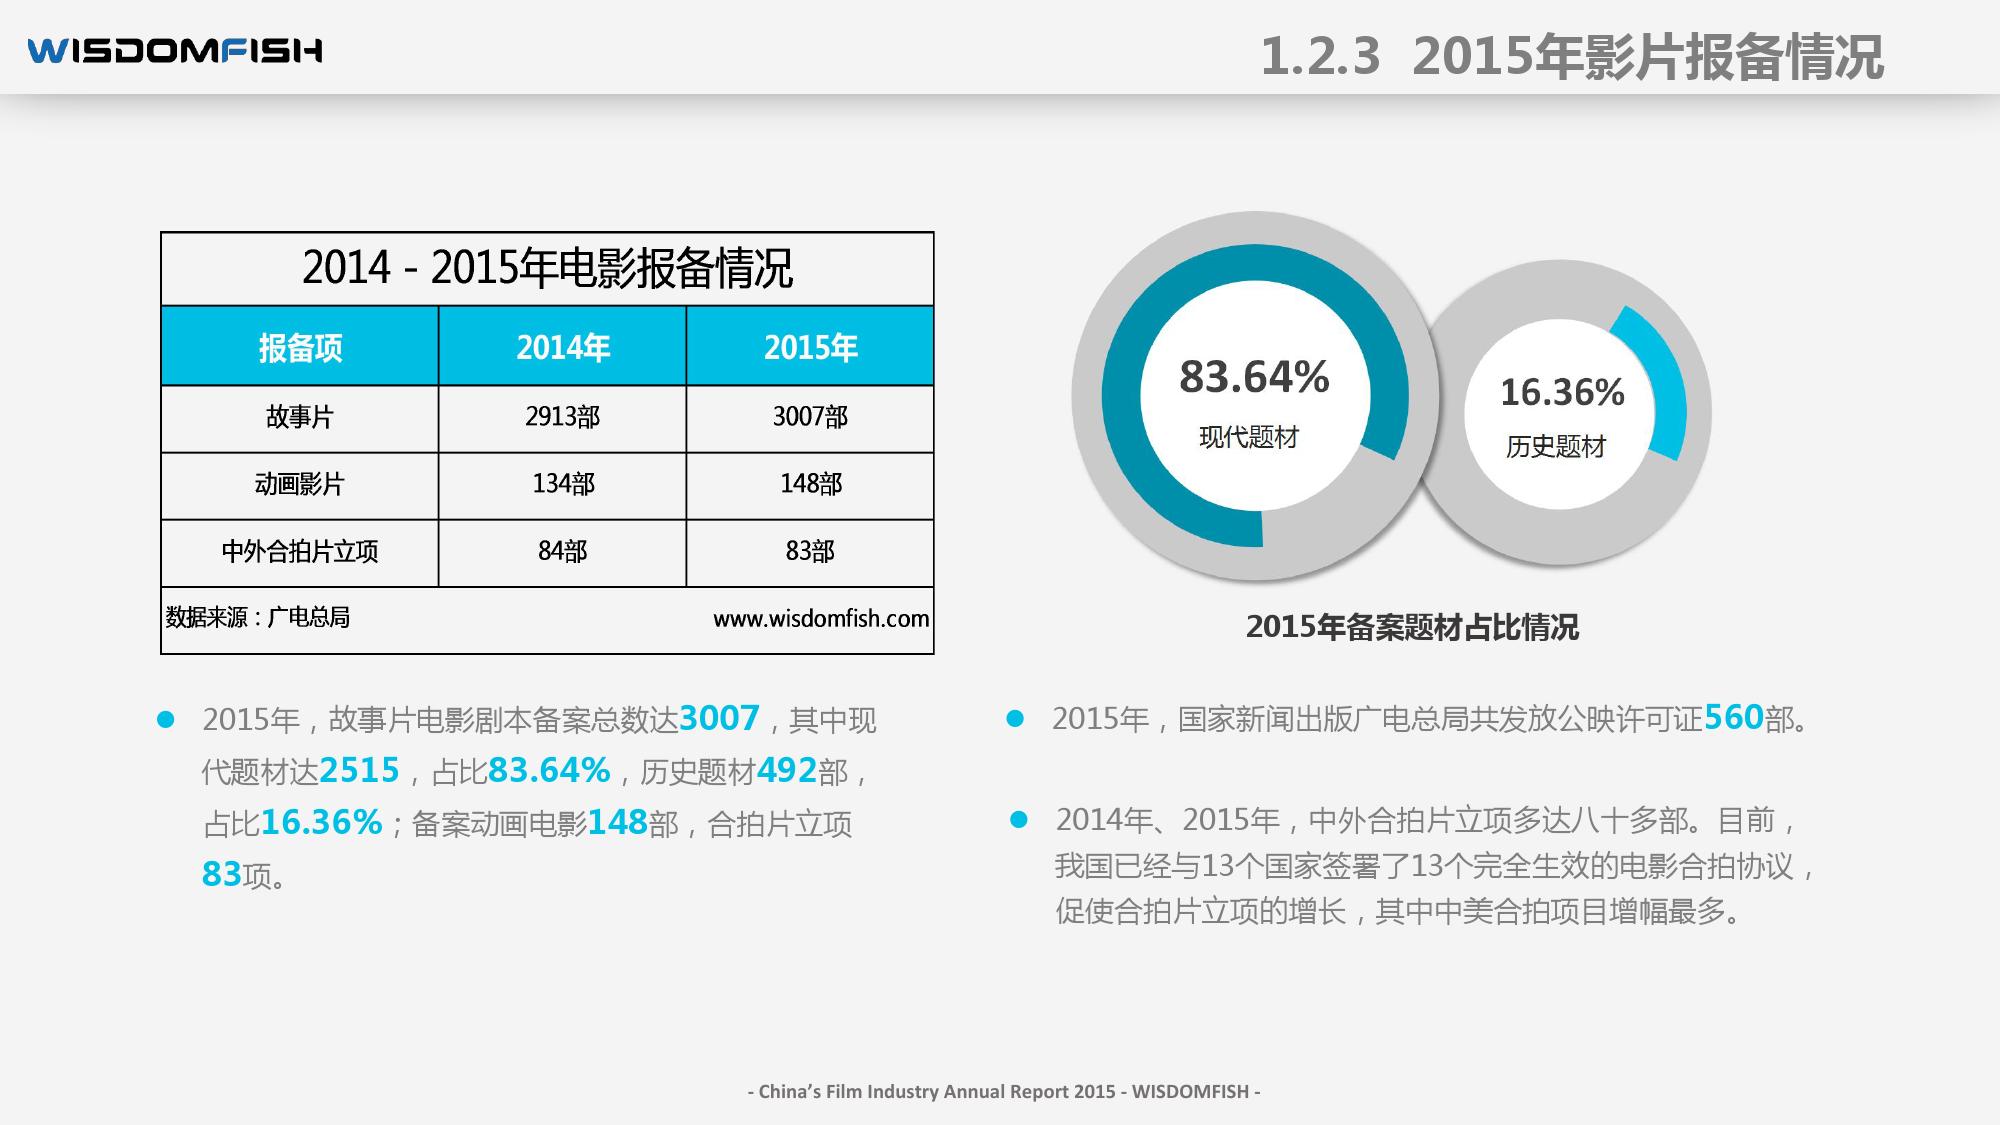 2015年度中国电影产业报告_000021